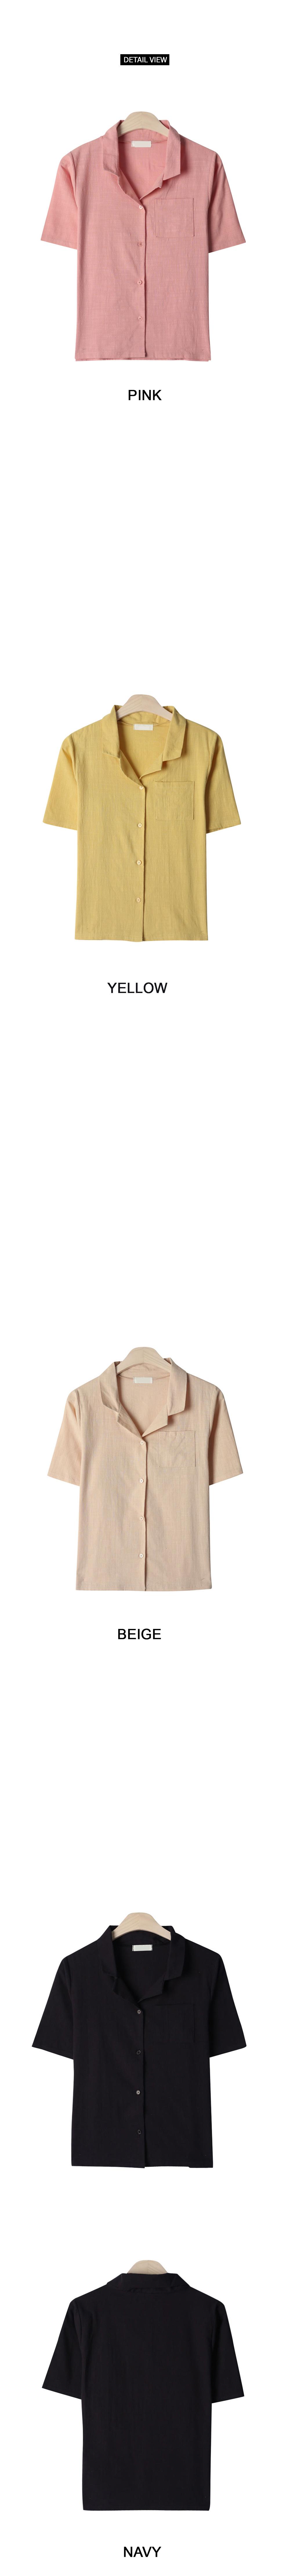 Chewing linen short-sleeved shirt